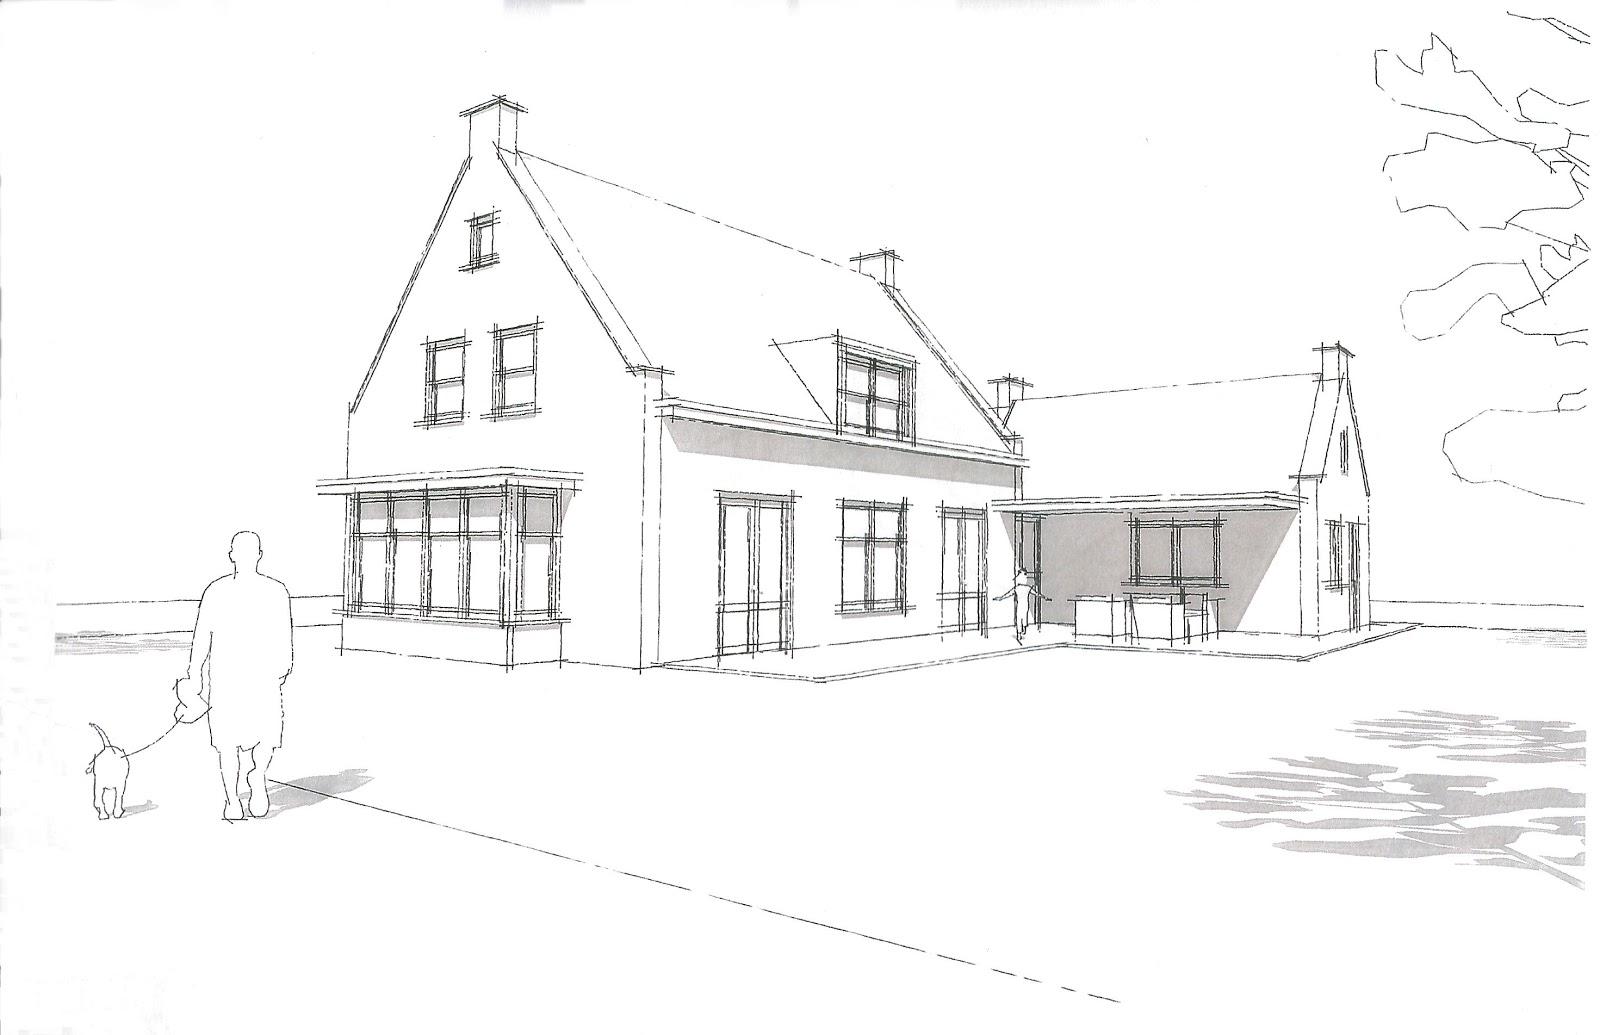 Het bouwen van ons nieuwe huis straat veranderd ontwerp for Huizen tekenen